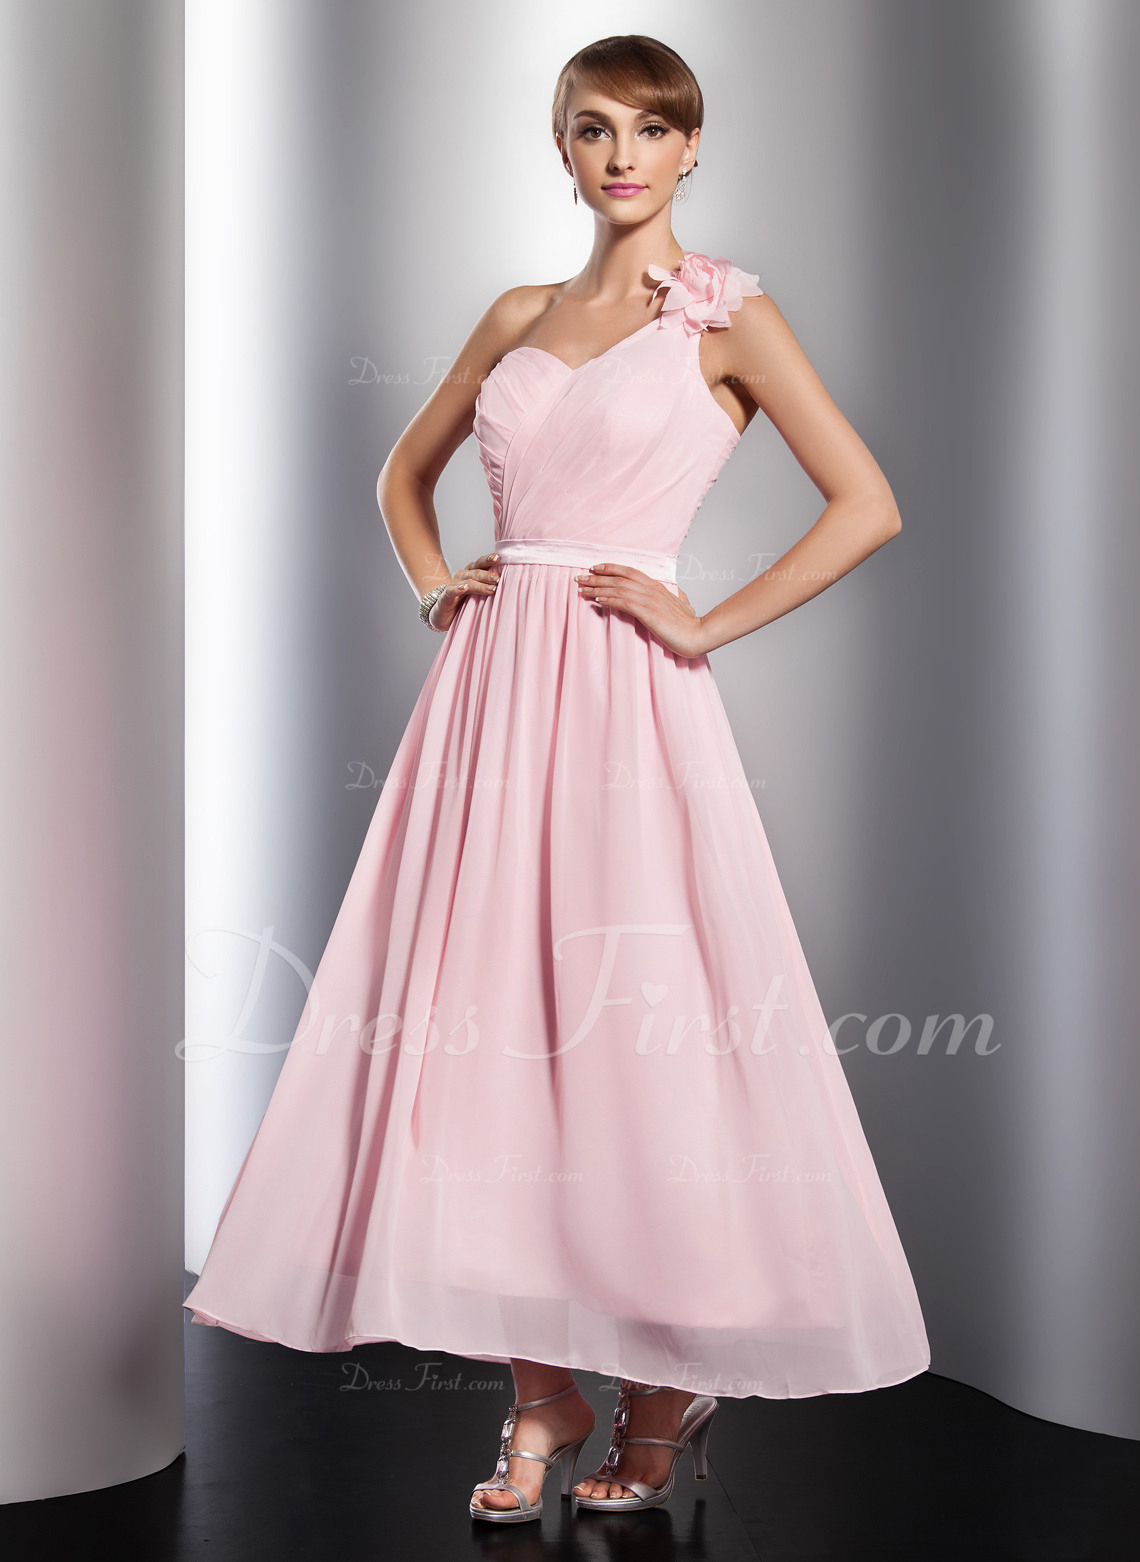 [€ 142.03] A-Linie/princess-Linie One-Shoulder-Träger Knöchellang Chiffon  Festliche Kleid Mit Rüschen Blumen - Jjshouse